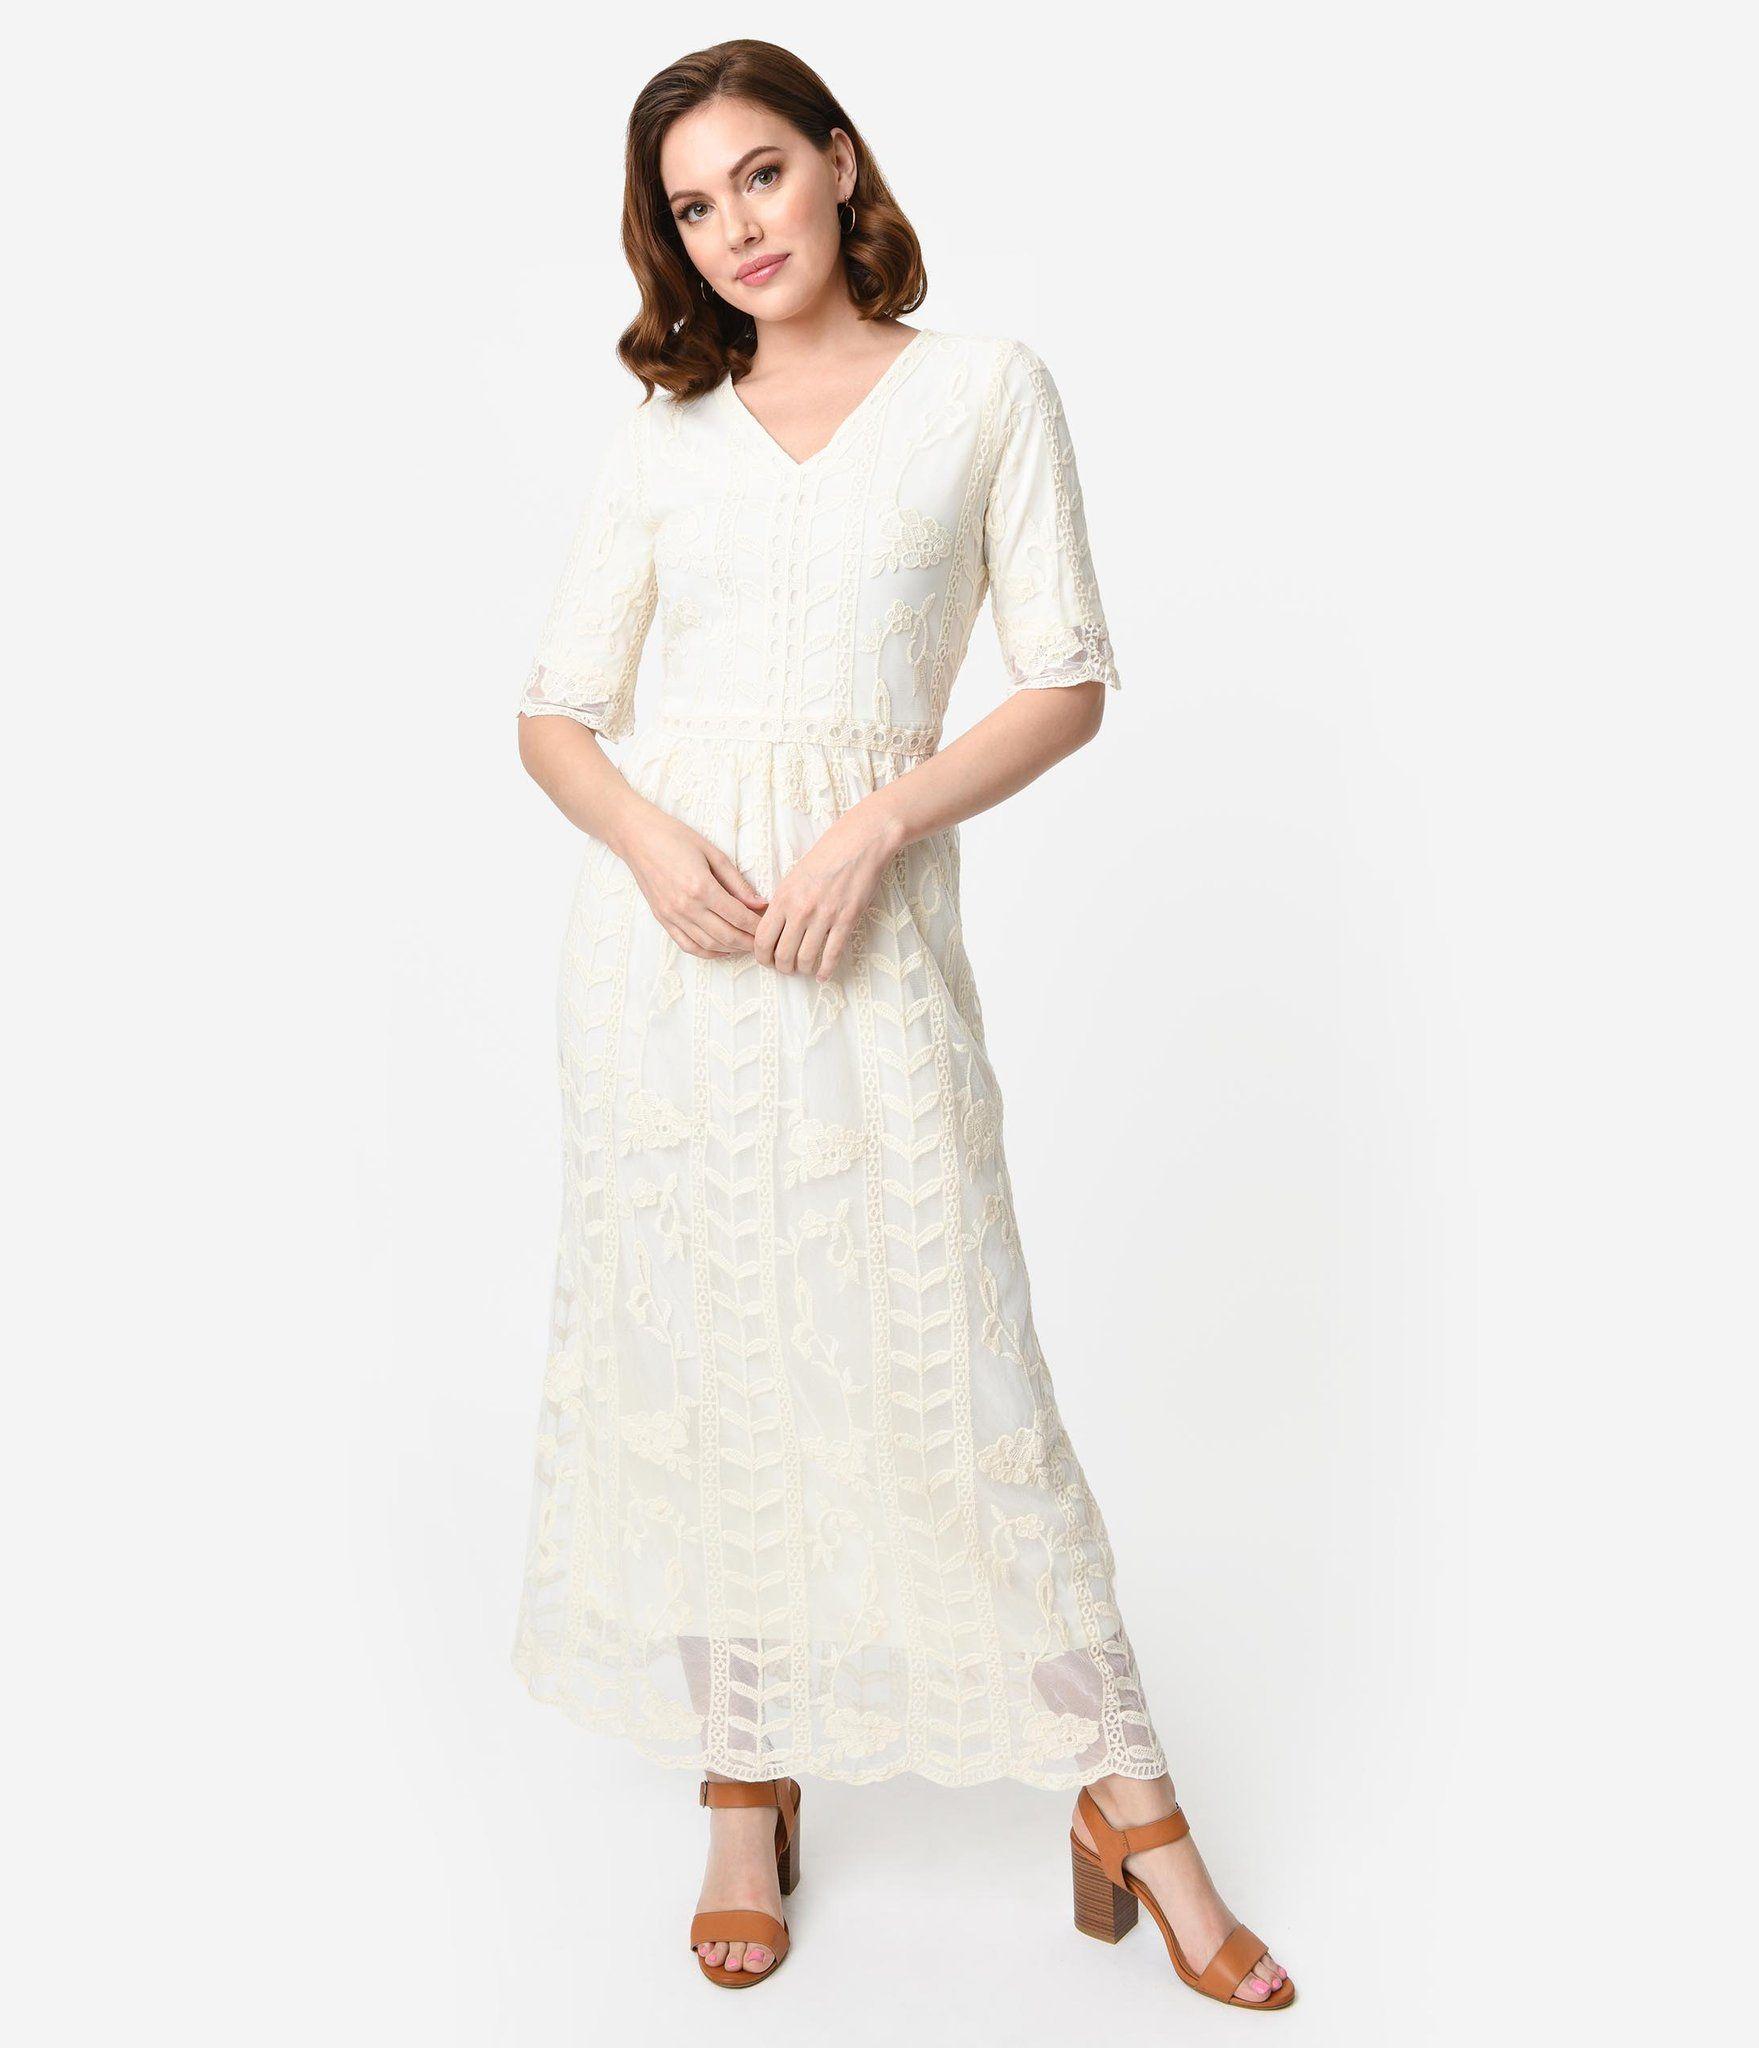 1900 Edwardian Dresses Tea Party Dresses White Lace Dresses 1940s Style Antique Cream Lace Long Sleeve Short Dress Edwardian Fashion Dresses Lace White Dress [ 2048 x 1759 Pixel ]